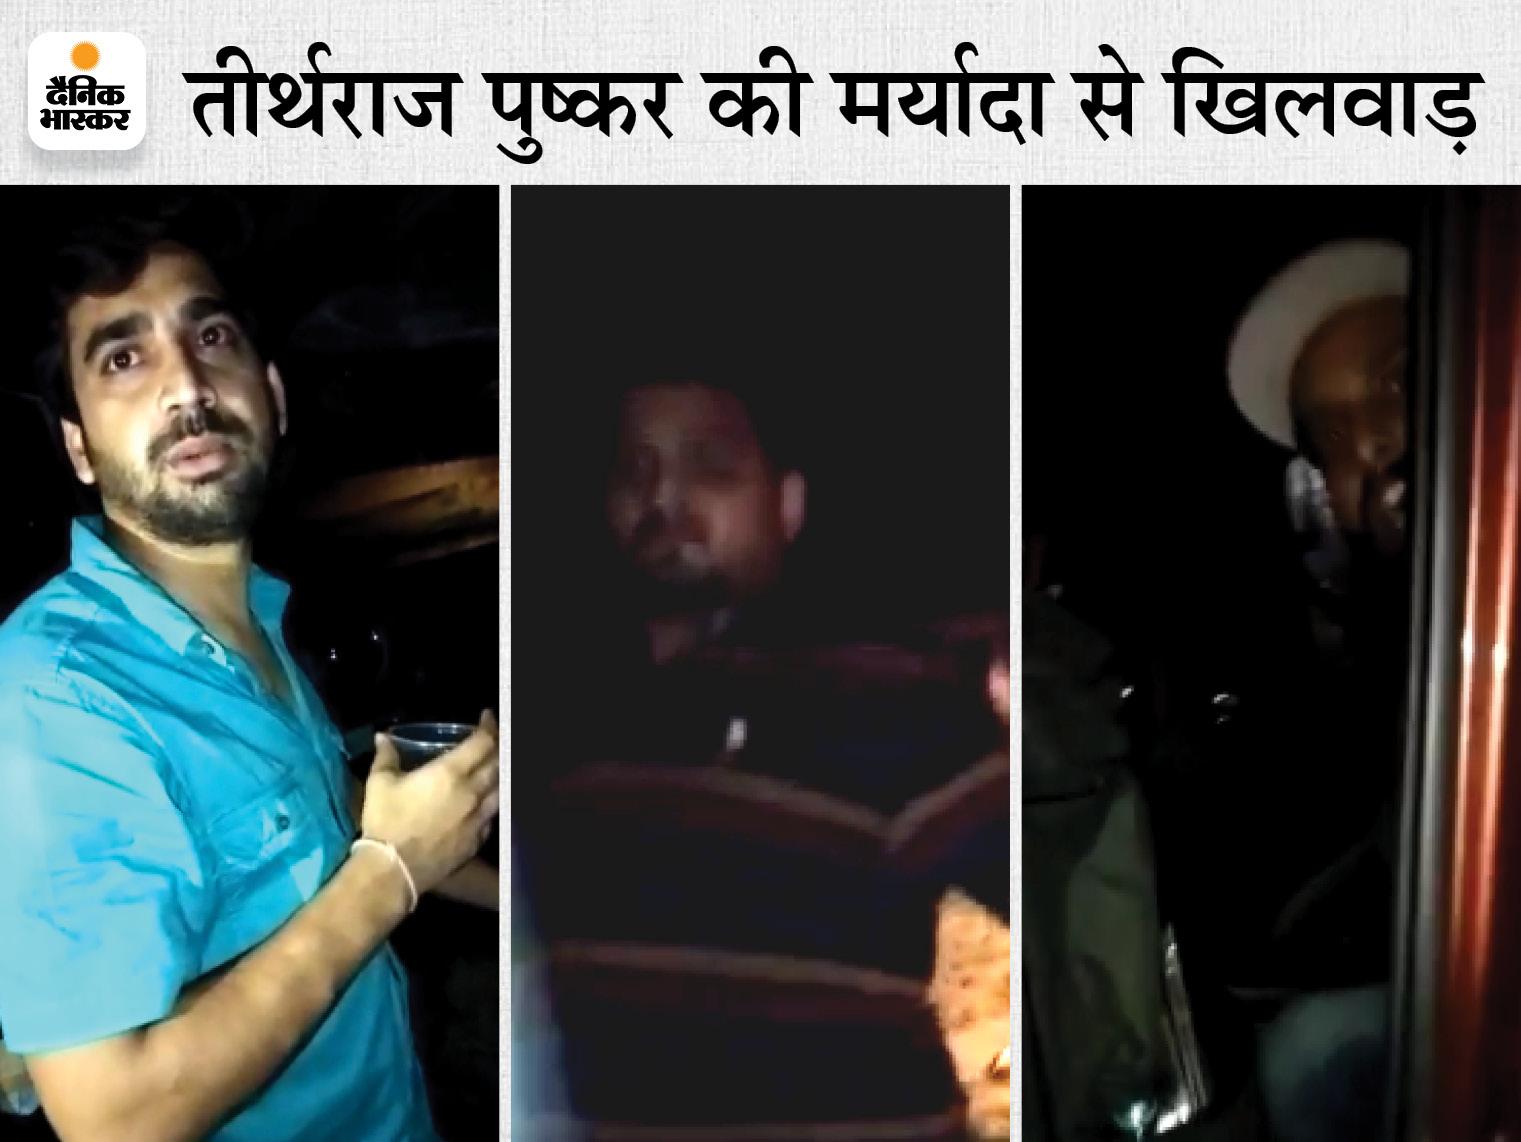 पुरोहितों ने पकड़कर चारों युवकों को पीटा, पुलिस के हवाले करने से पहले अपनी लग्जरी कार लेकर हुए फरार|अजमेर,Ajmer - Dainik Bhaskar